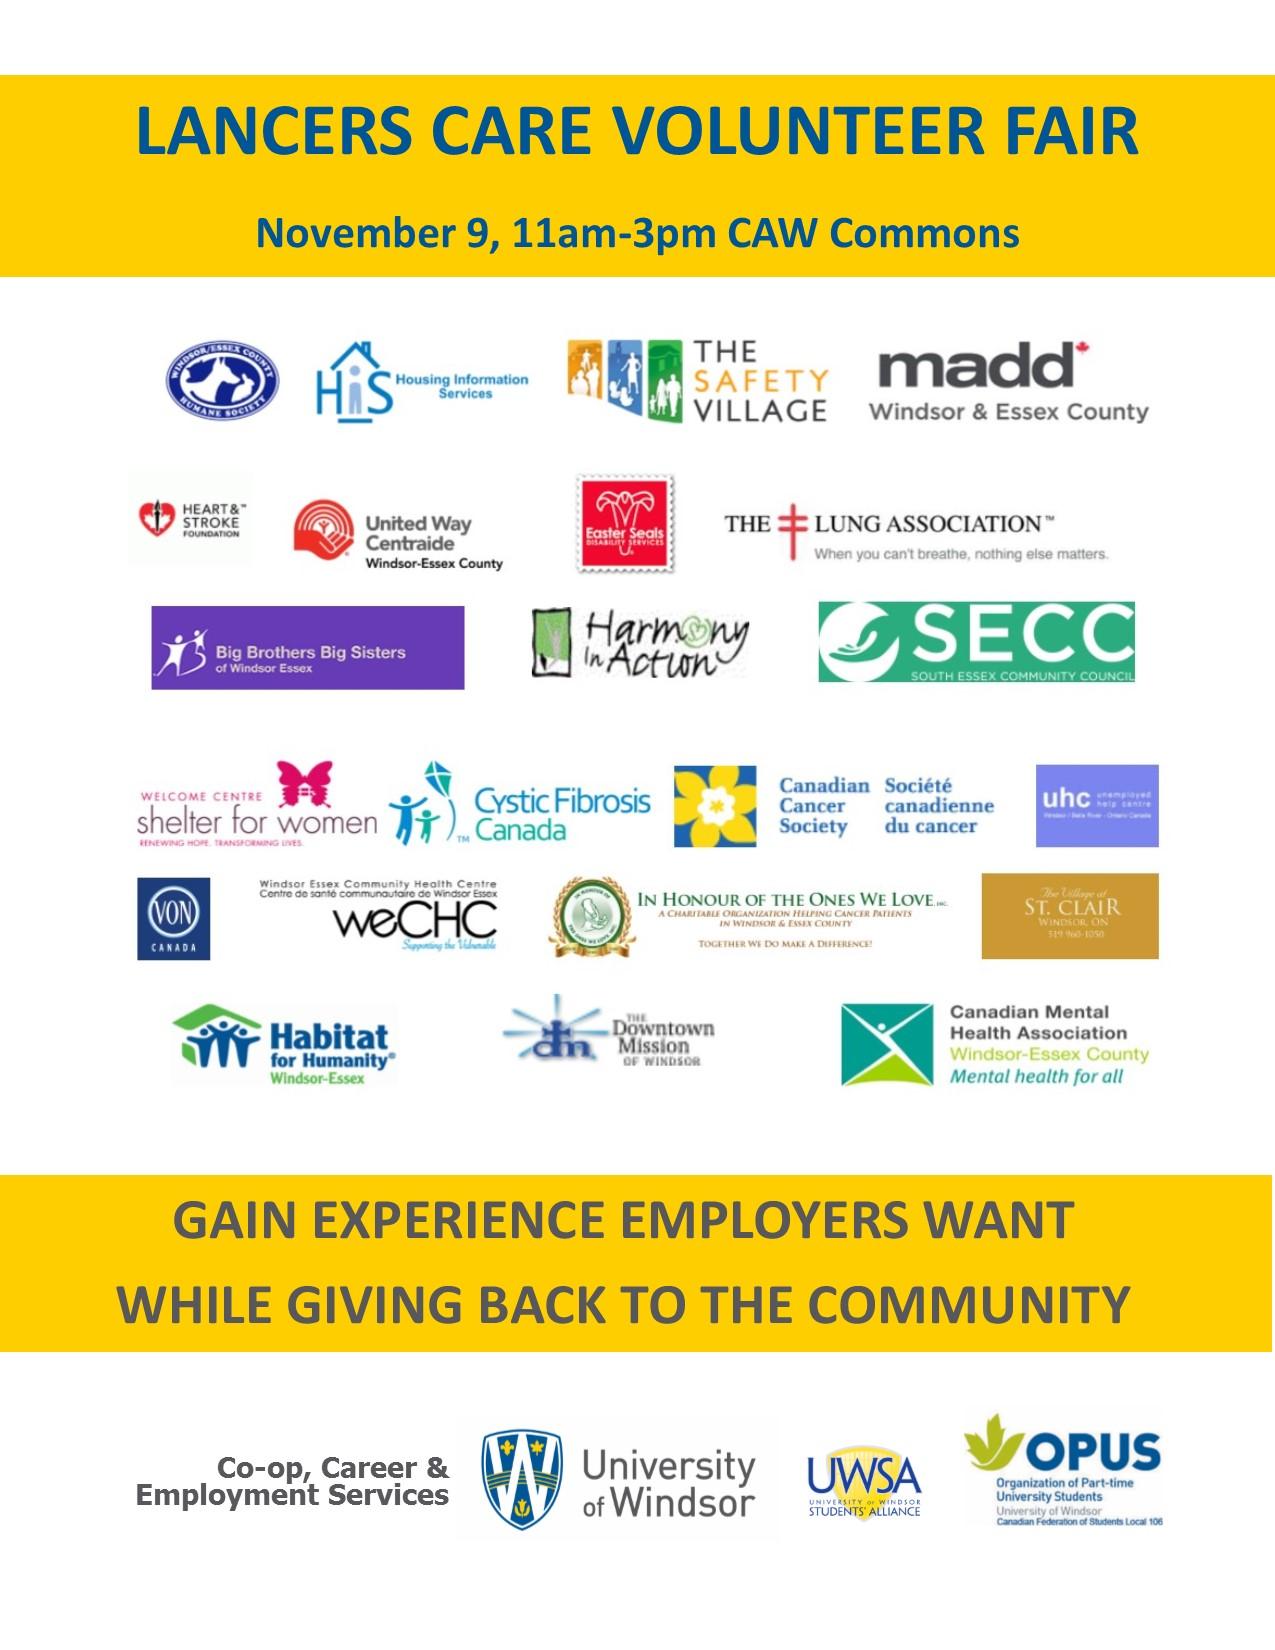 lancers care volunteer fair co op career and employment services lancers care volunteer fair